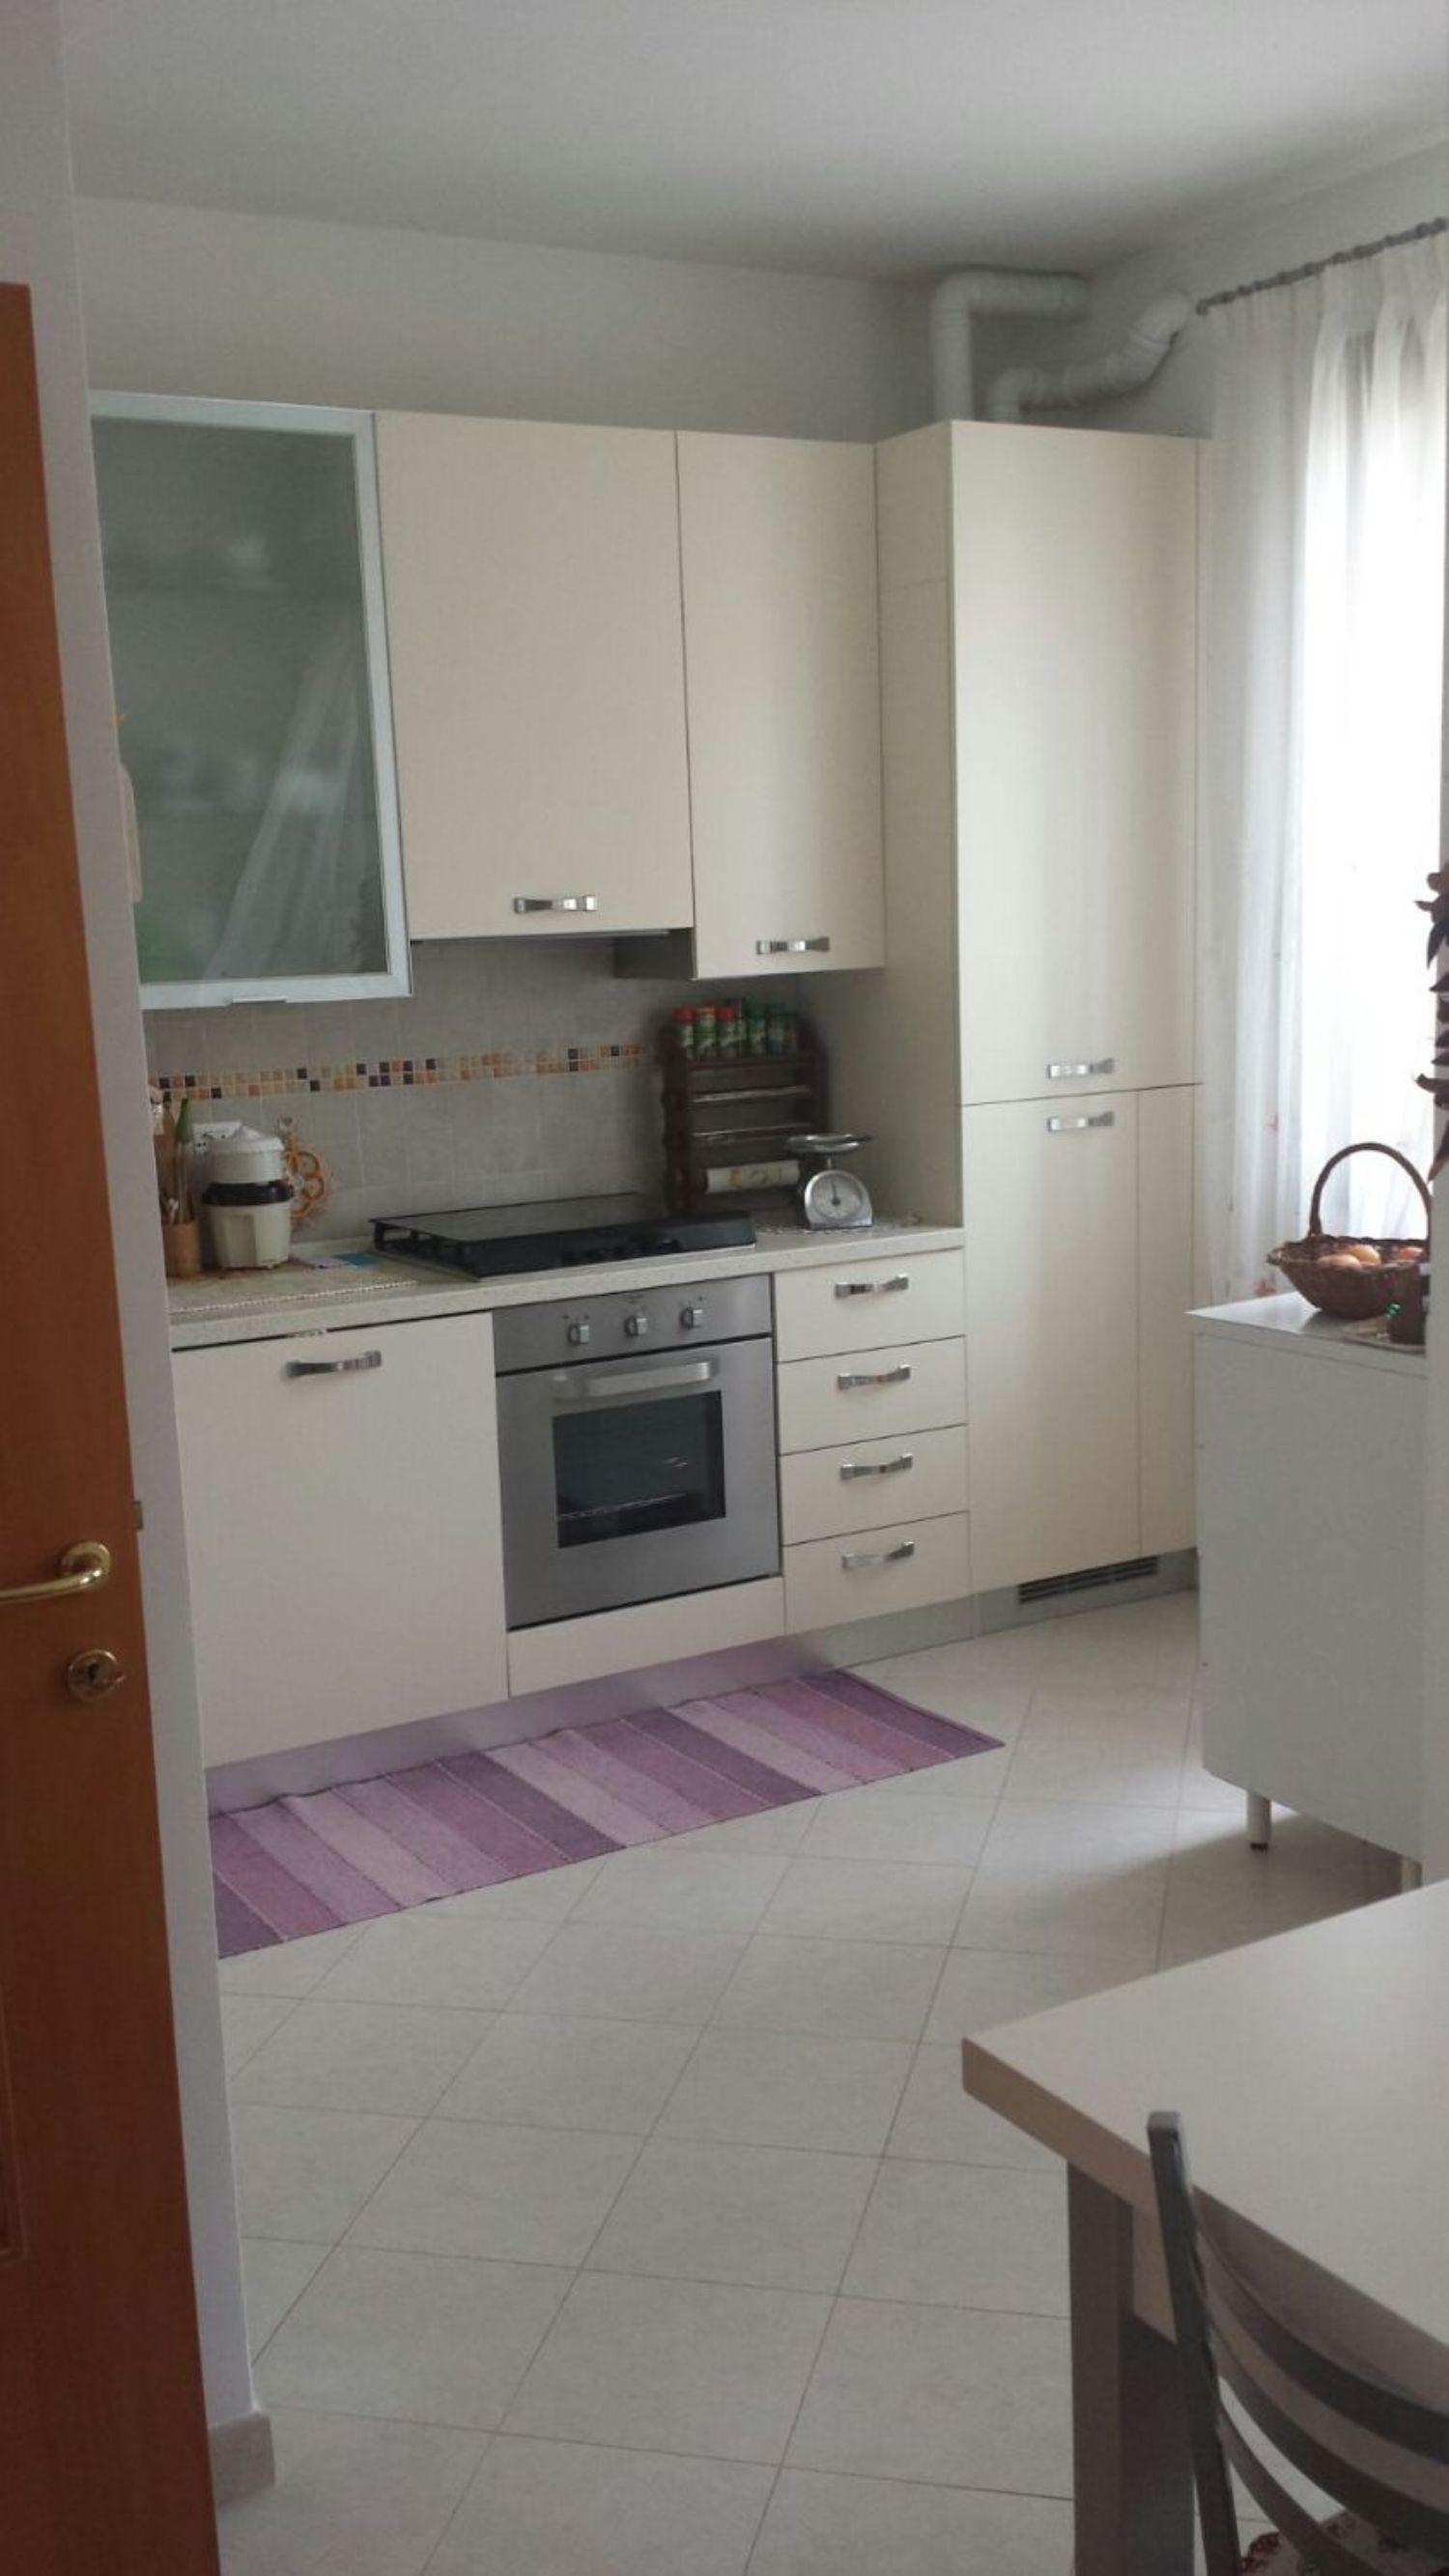 Appartamento in vendita a Venezia, 3 locali, prezzo € 600.000 | CambioCasa.it